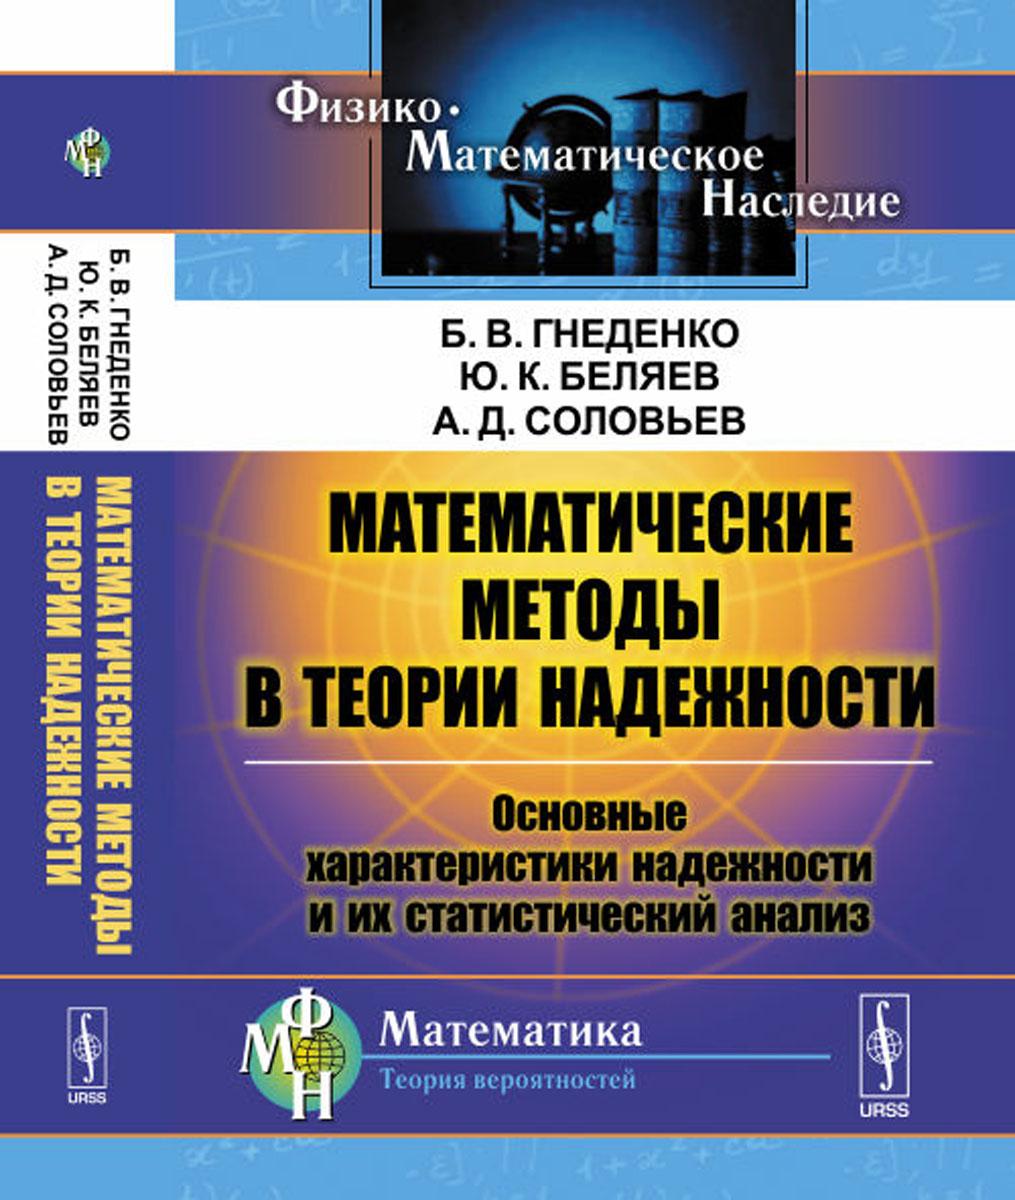 Гнеденко Б.В., Беляев Ю.К., Соловьев А.Д. Математические методы в теории надежности. Основные характеристики надежности и их статистический анализ